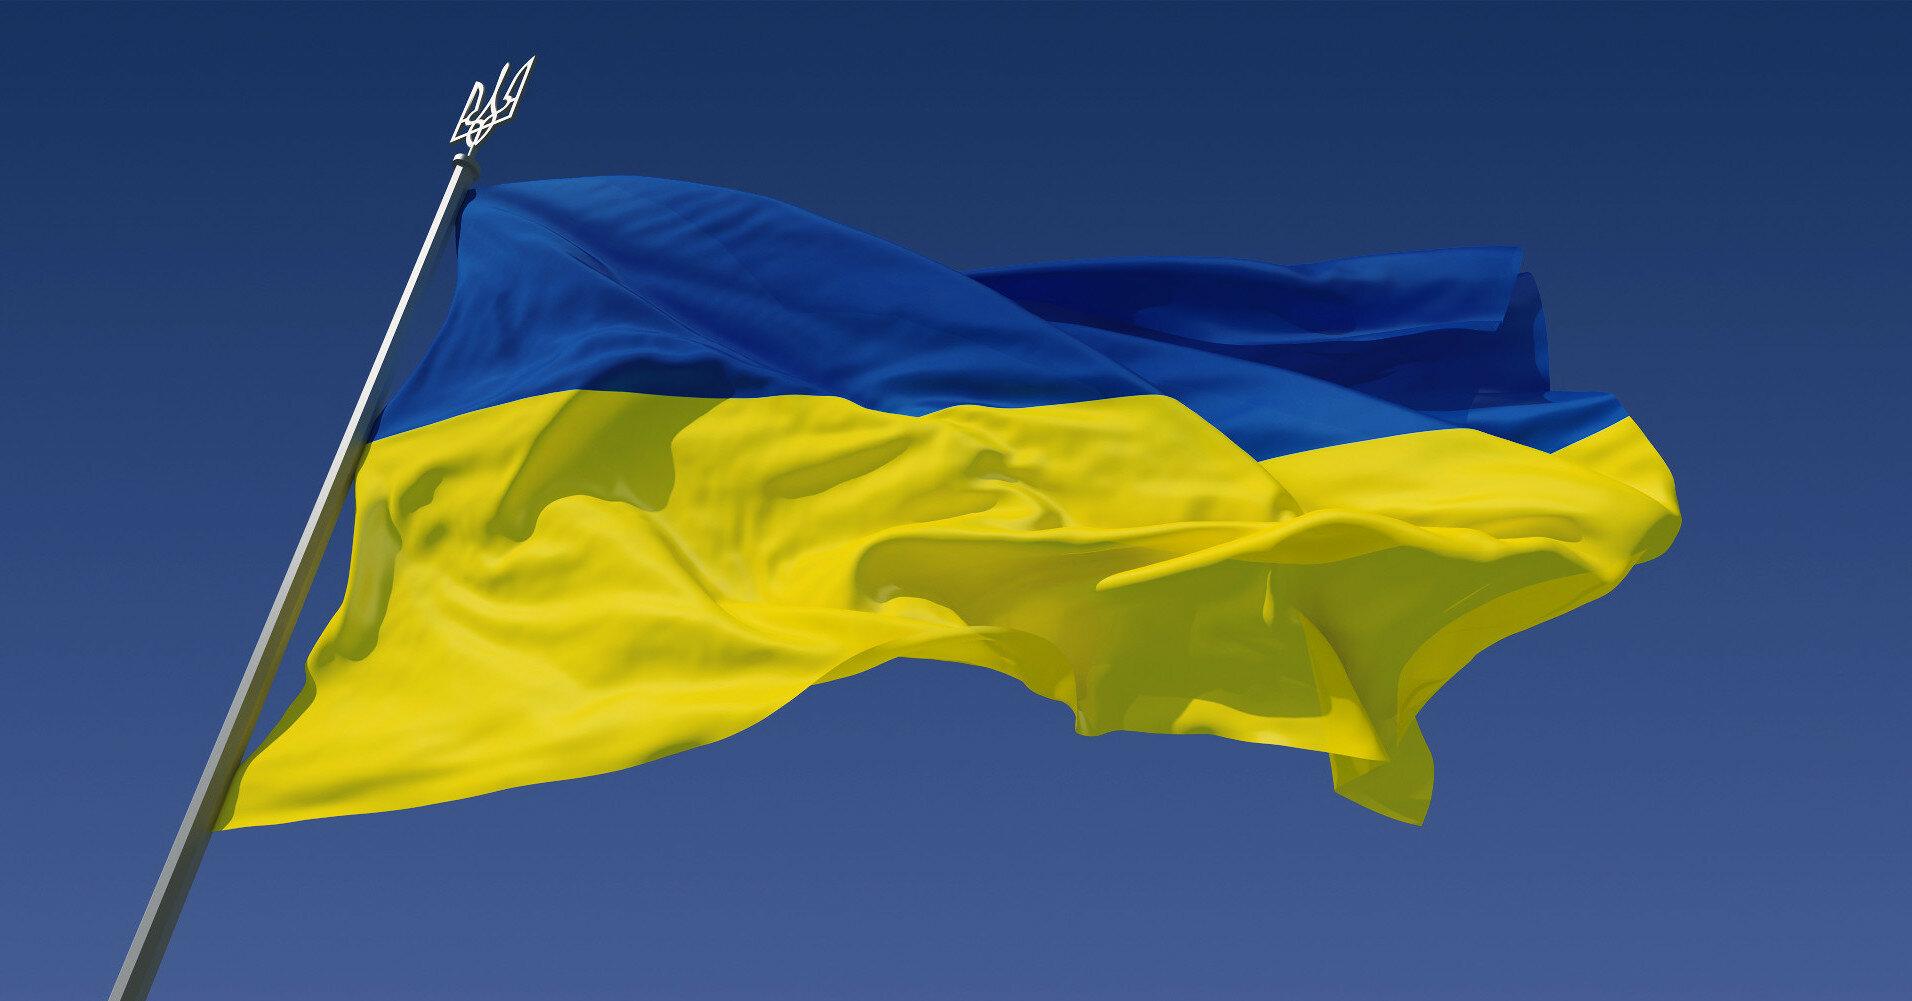 Байден и Путин будут договариваться о правилах конфронтации по вопросу Украины